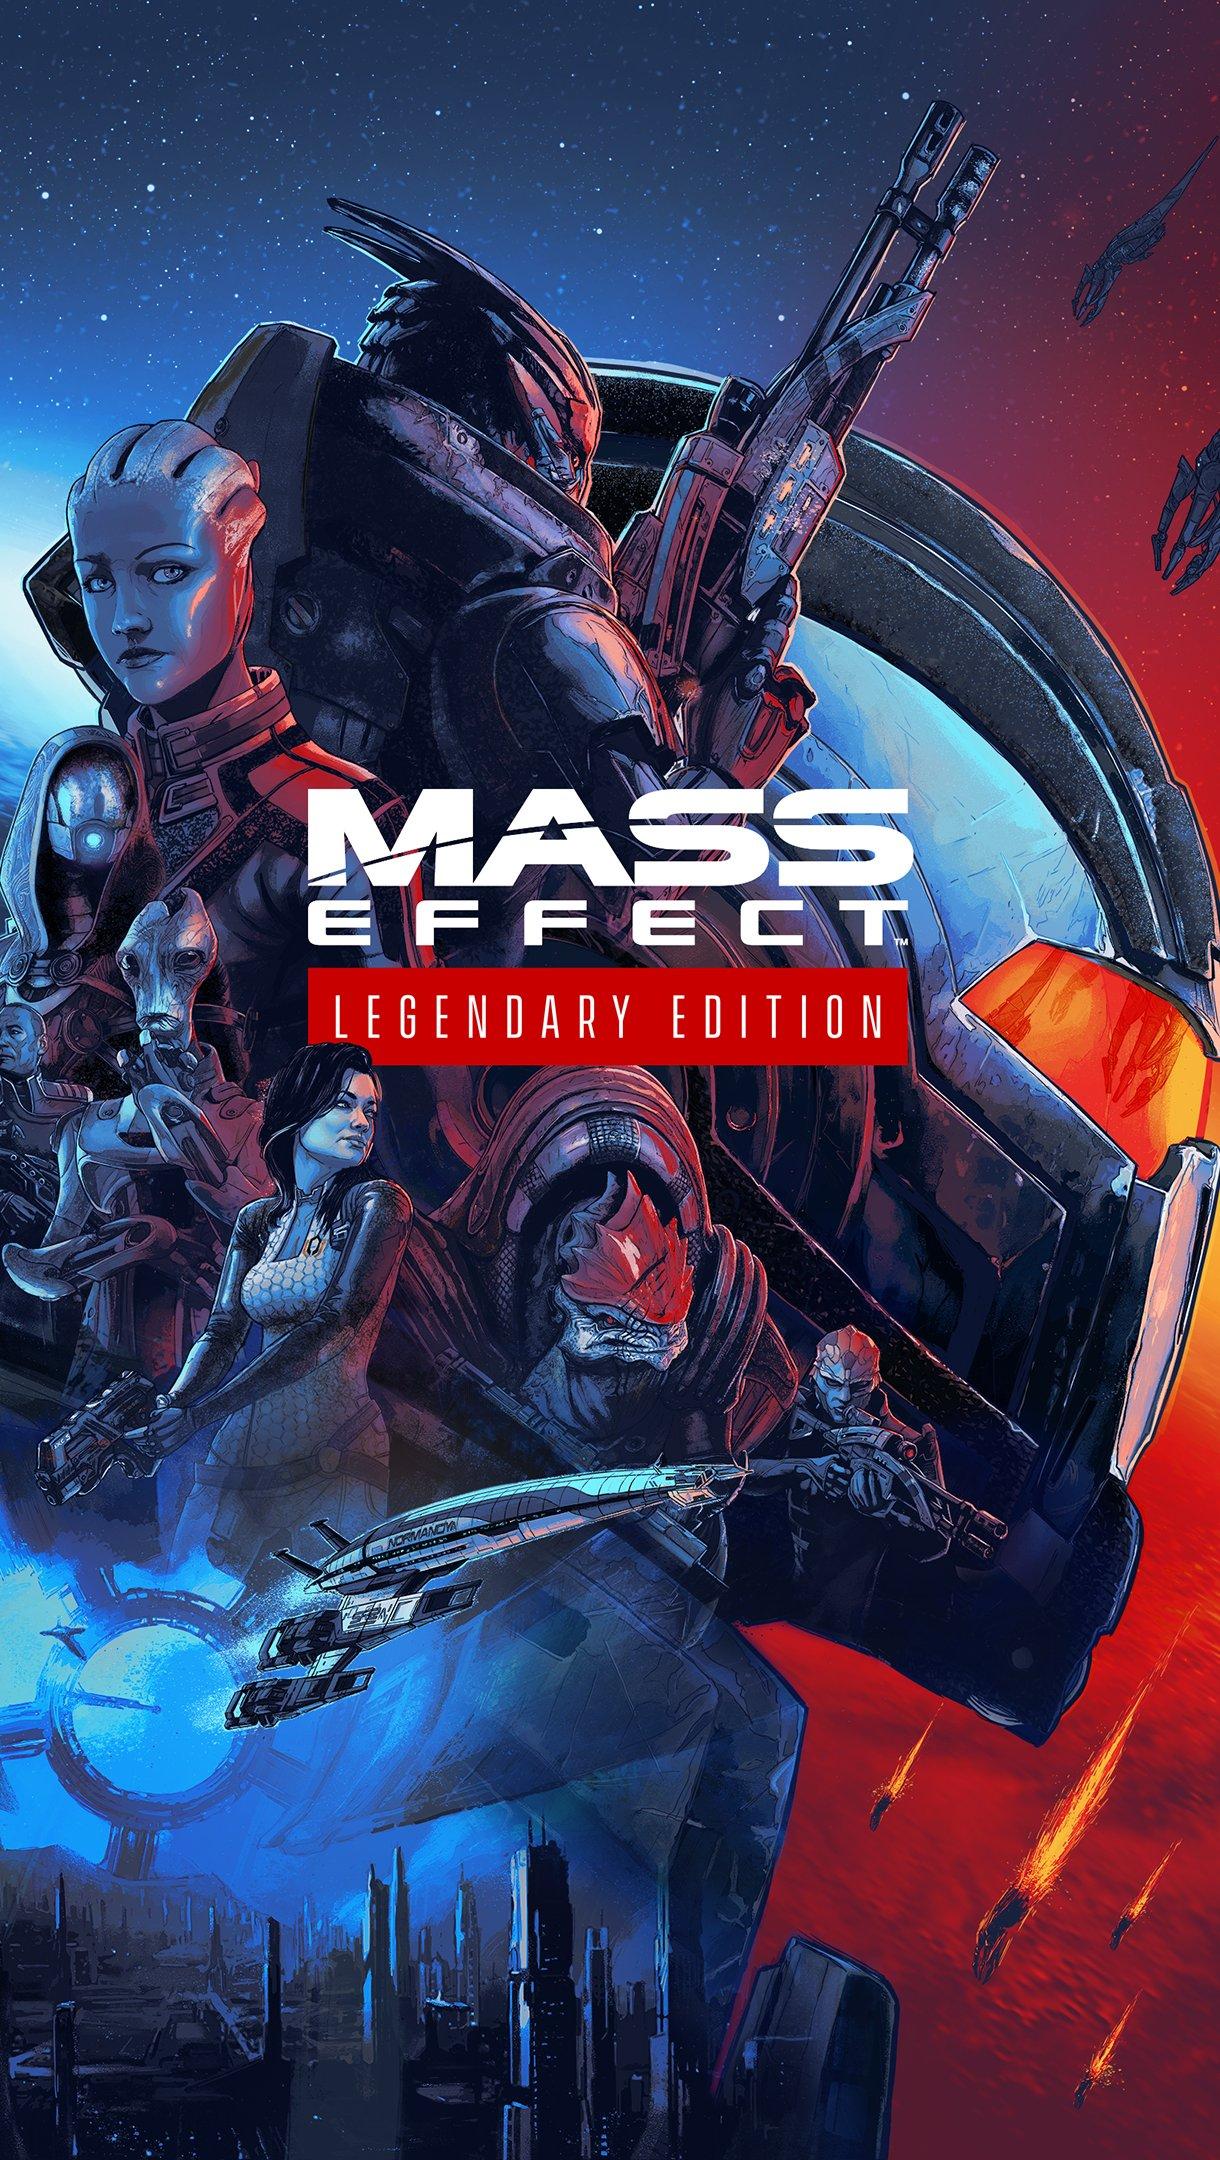 Wallpaper Mass Effect Legendary edition Vertical